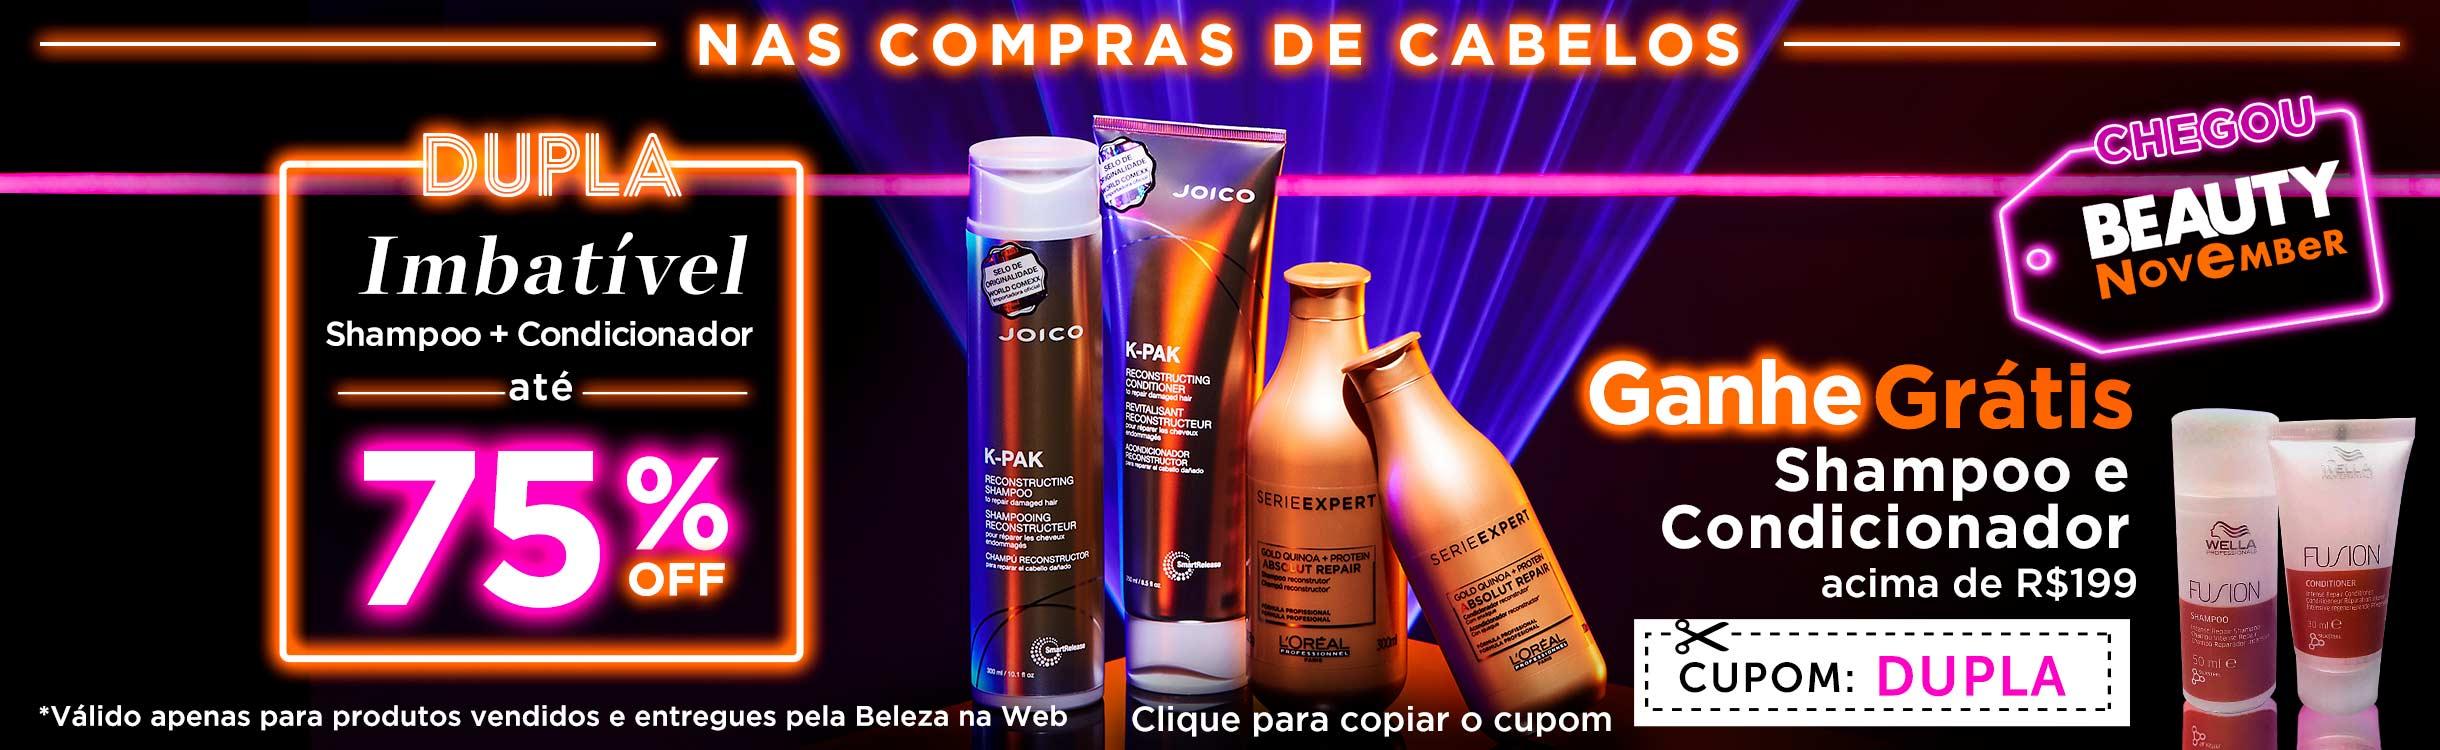 Beauty Friday   Shampoo + Condicionador até 75% off